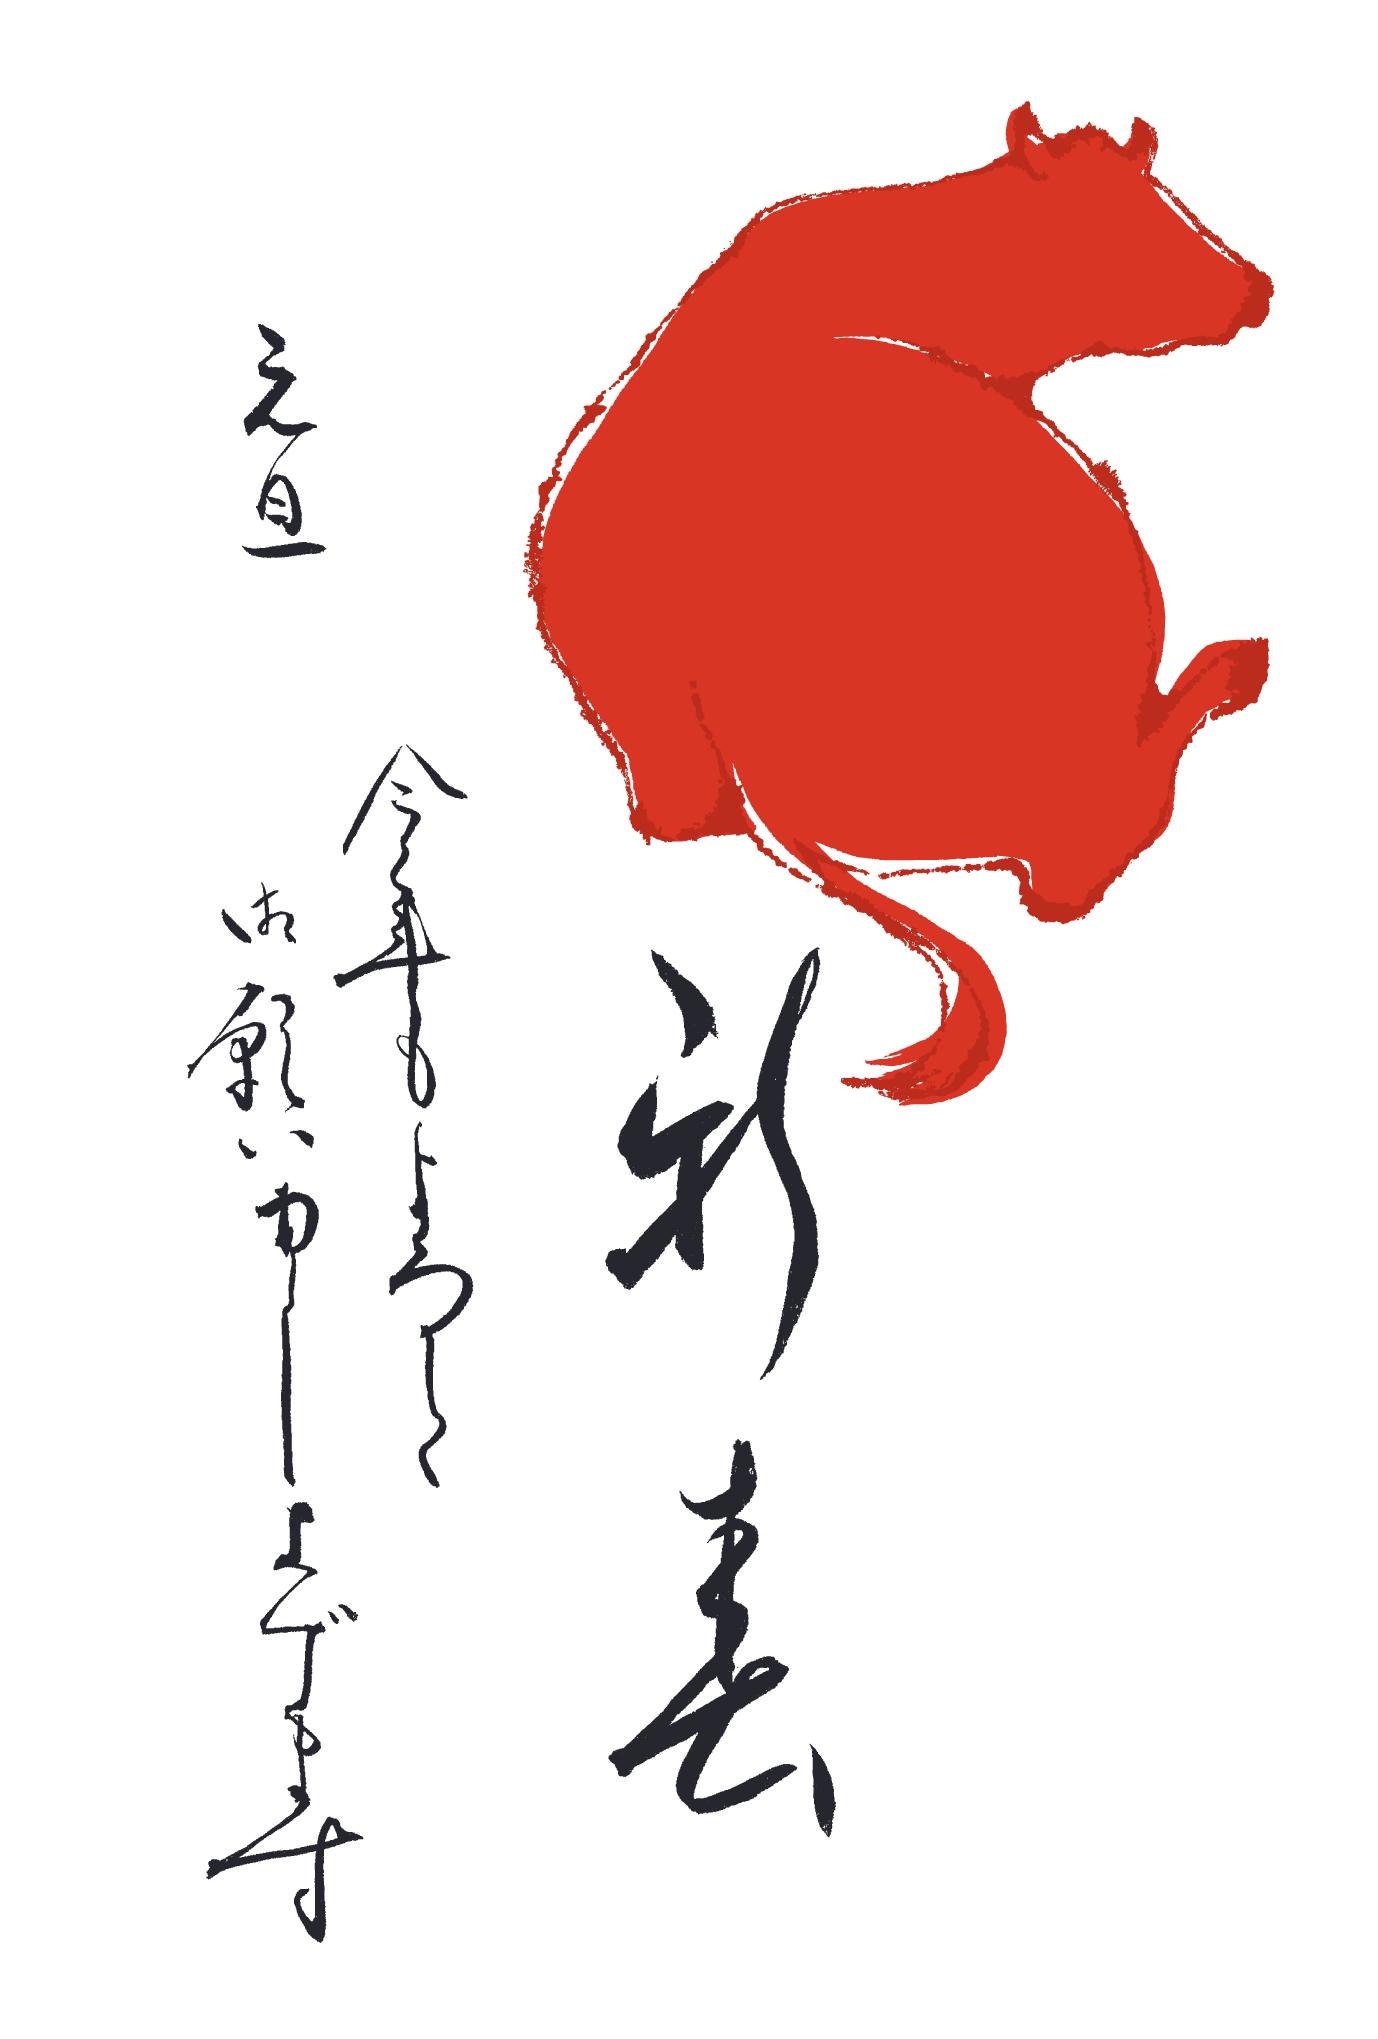 2009年賀状17:新春赤牛のダウンロード画像